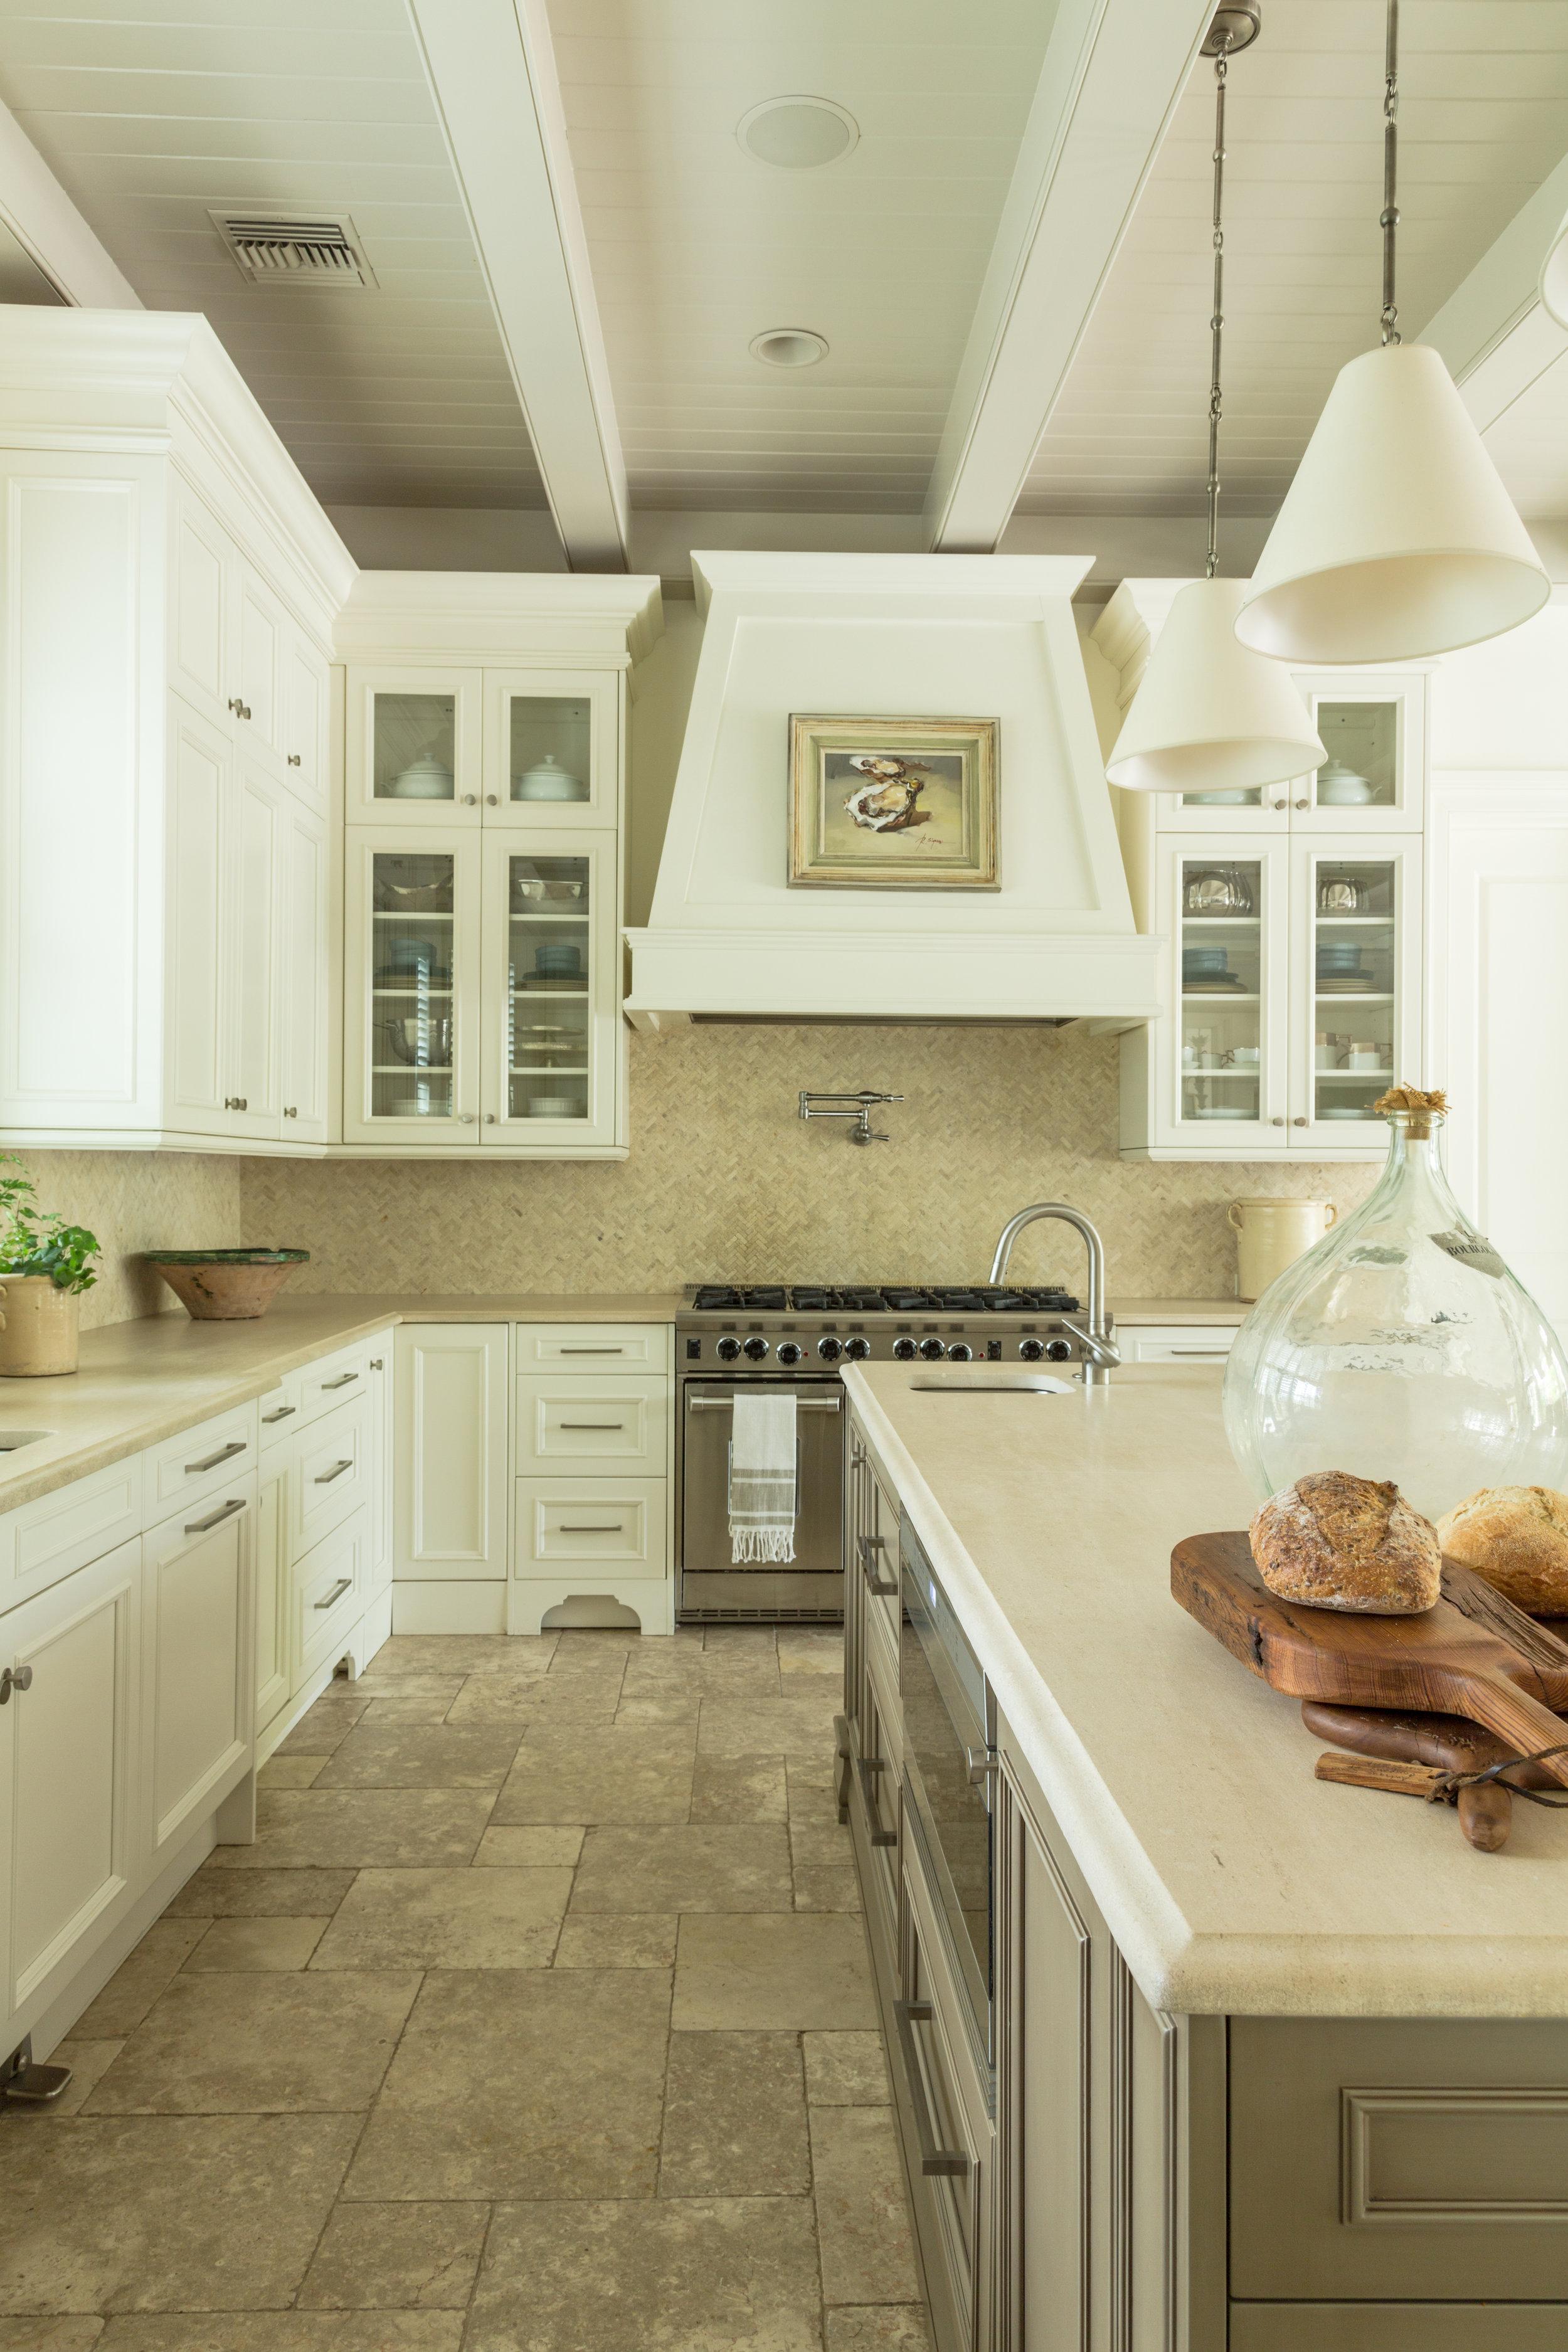 Gutterman_kitchen-9784.jpg